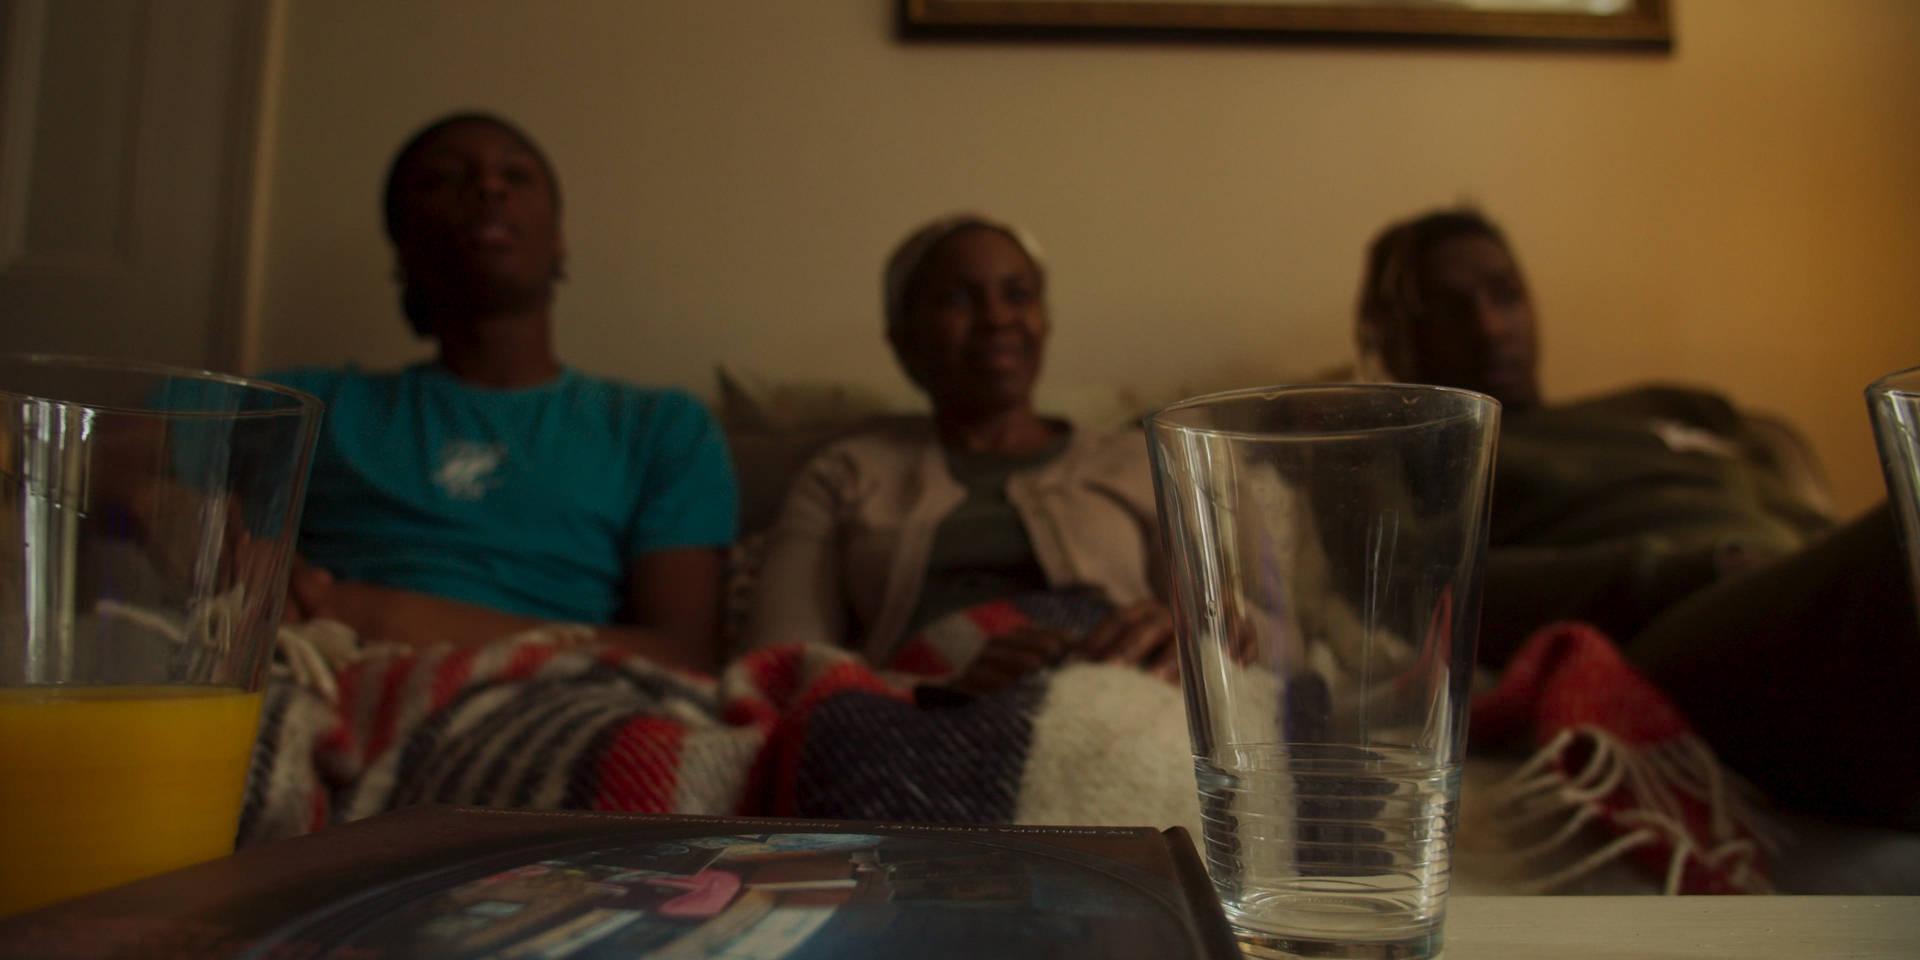 Still from Brother's Keeper short film